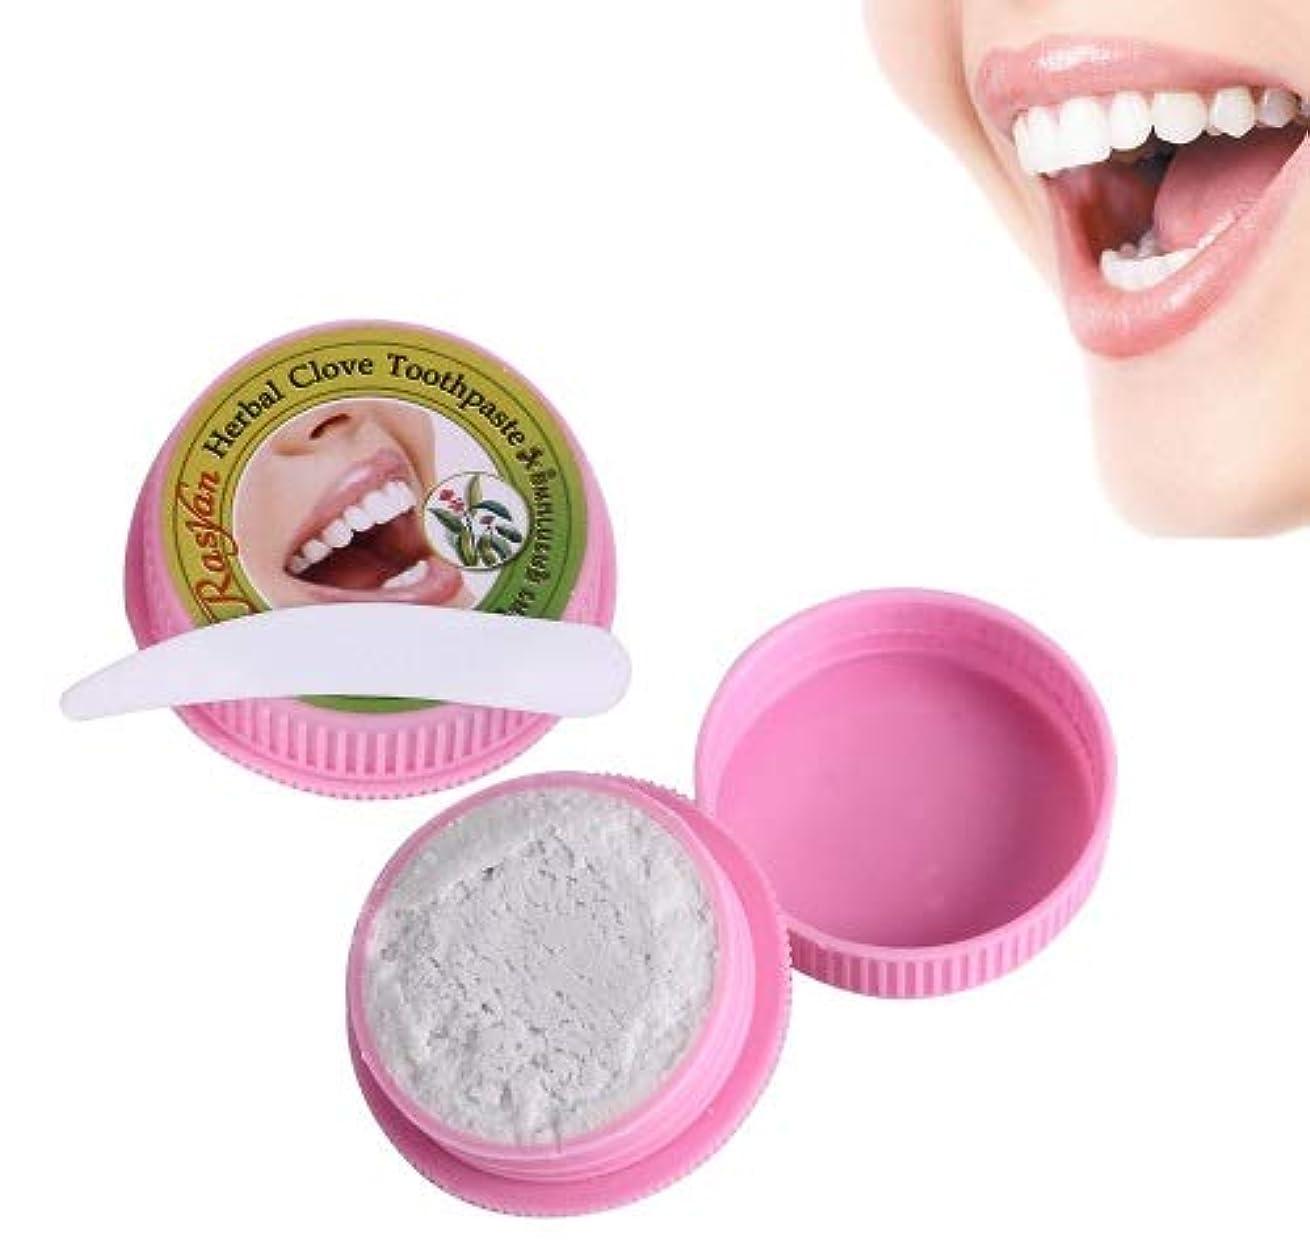 私達次教育者Izmirli 天然ハーブクローブ歯磨き粉、天然歯ホワイトニング、歯汚れ除去剤、口臭クリーナー Natural Herbal Clove Toothpaste,Natural Teeth Whitening, Teeth...